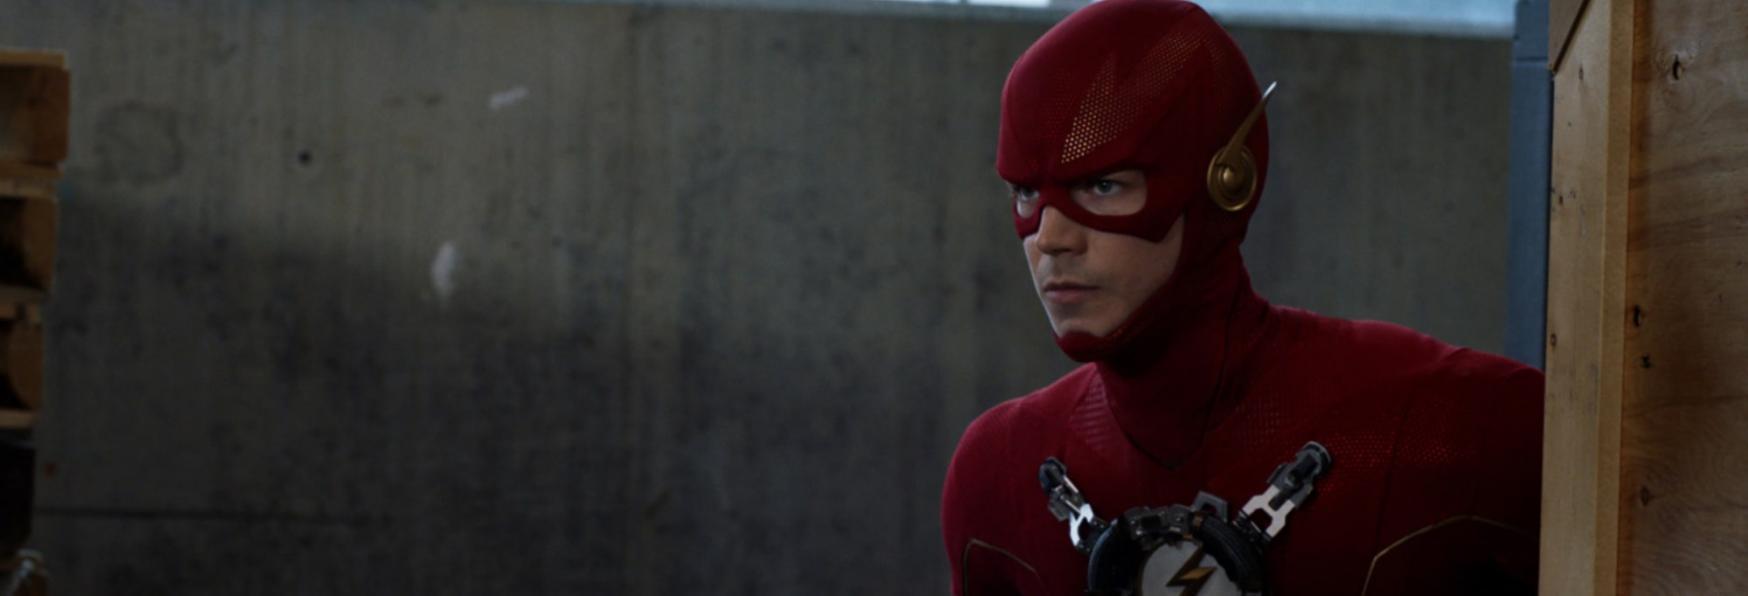 The Flash 7: le Rivelazioni annunciate nella Sinossi del Settimo Episodio